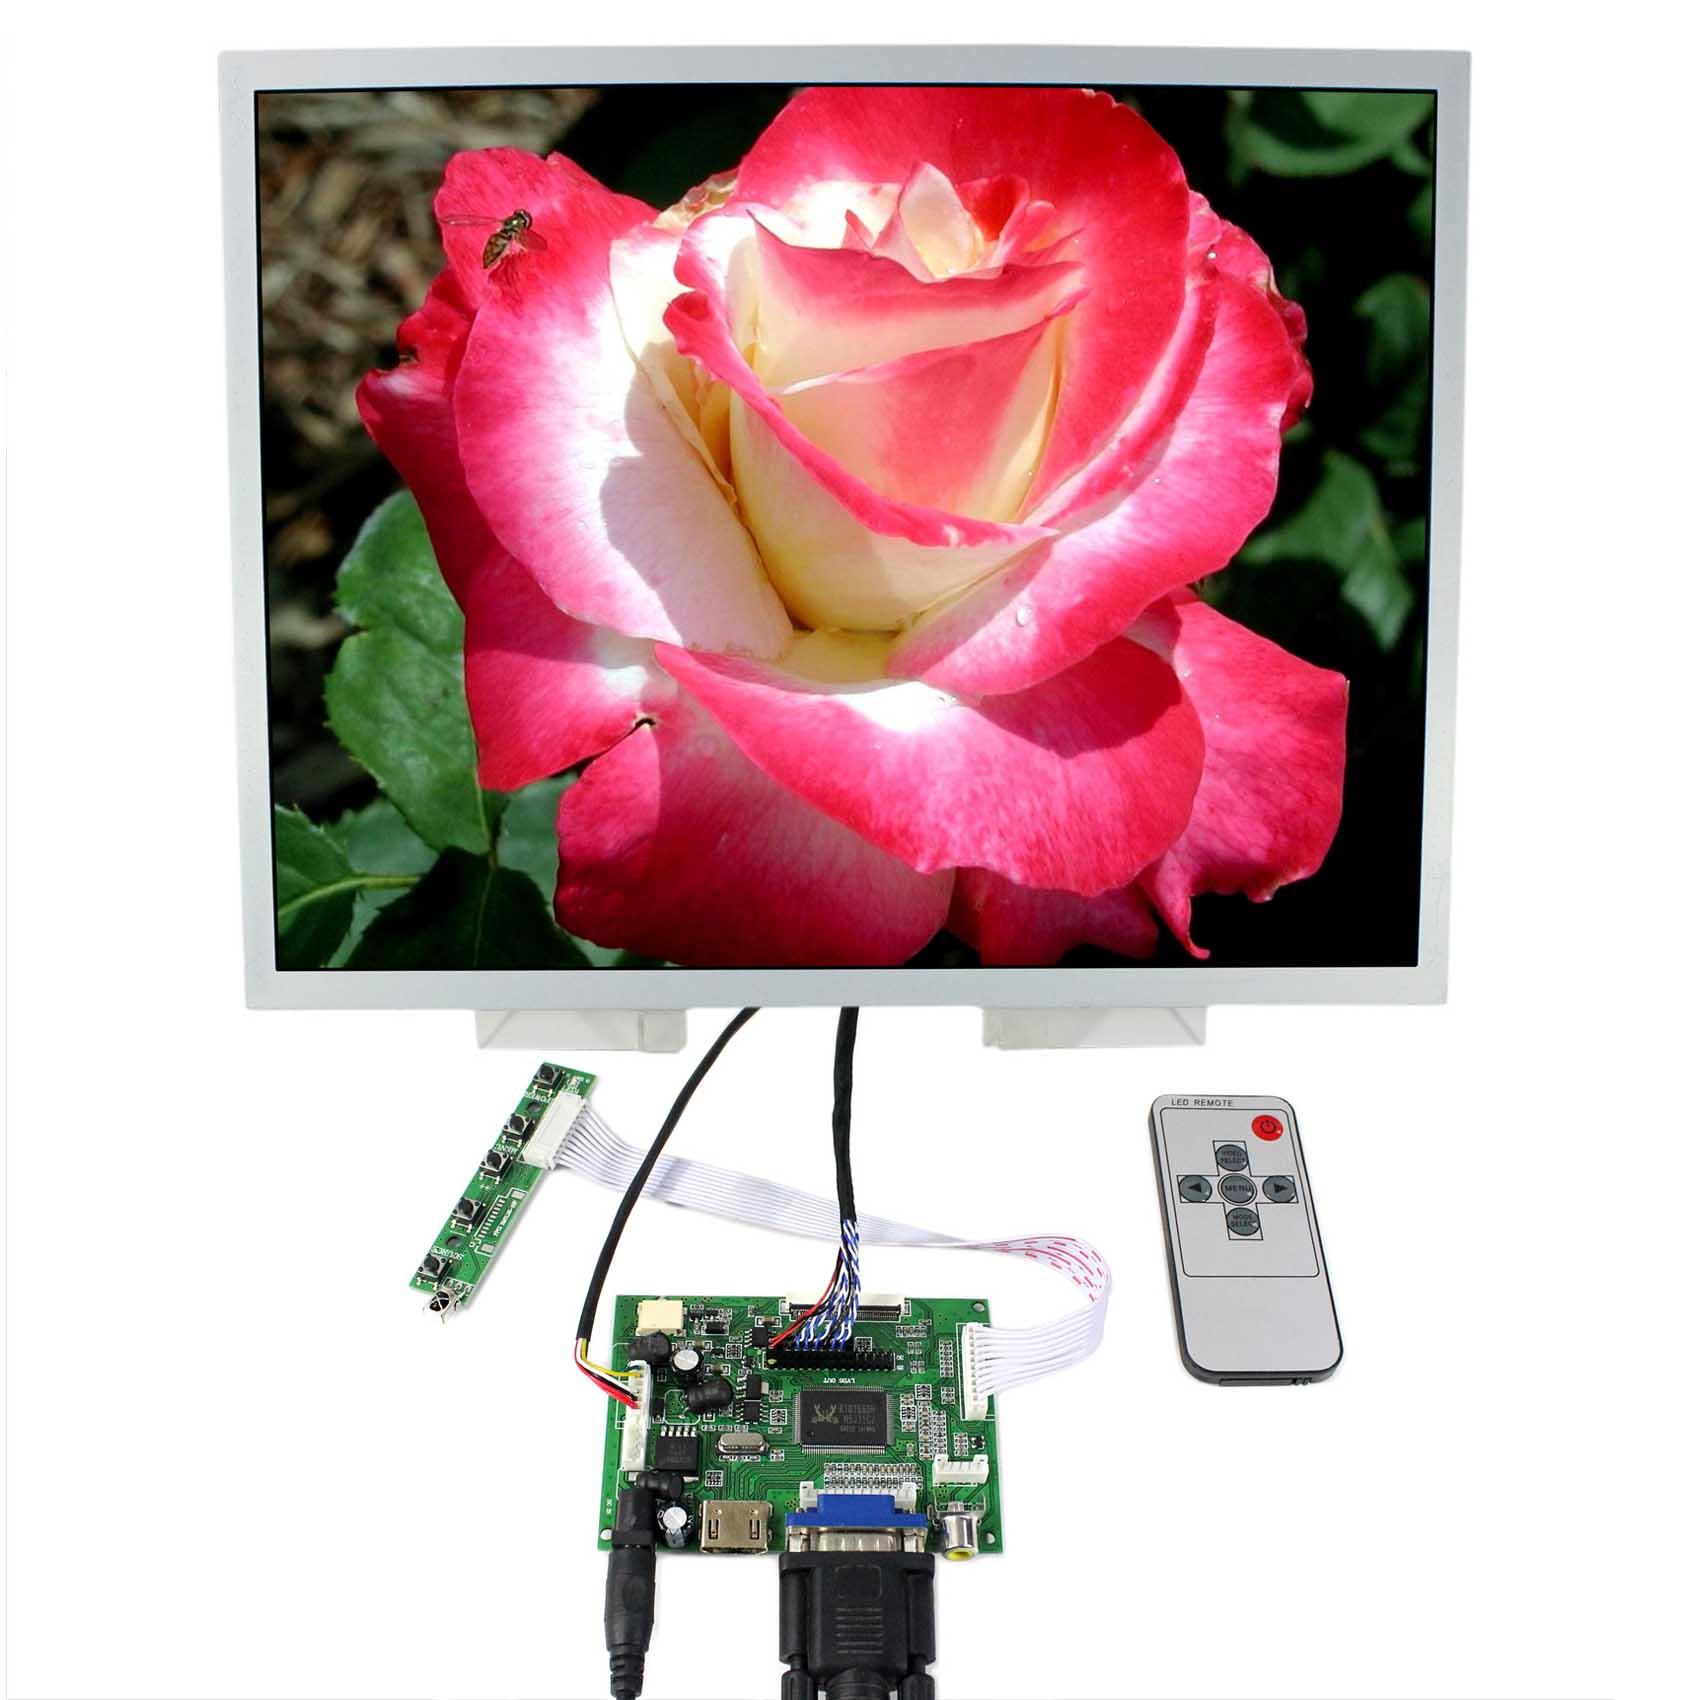 HDMI VGA 2AV Scheda di Controllo LCD 15 pollici LQ150X1LG96 1024x768 Schermo LCD